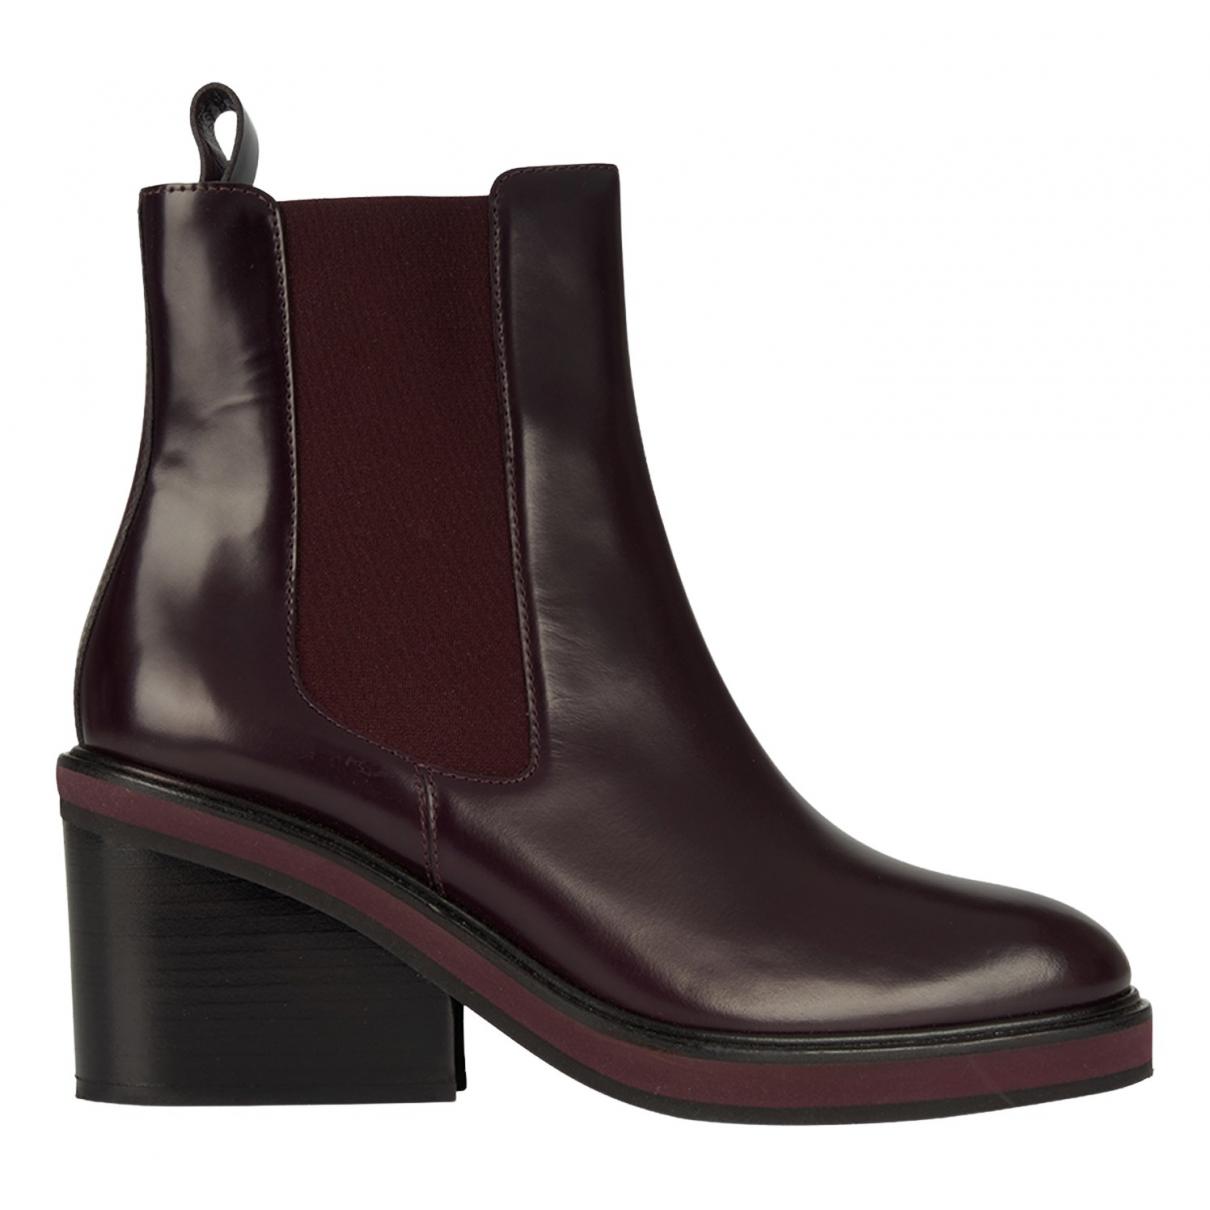 Hermes - Boots   pour femme en cuir - marron